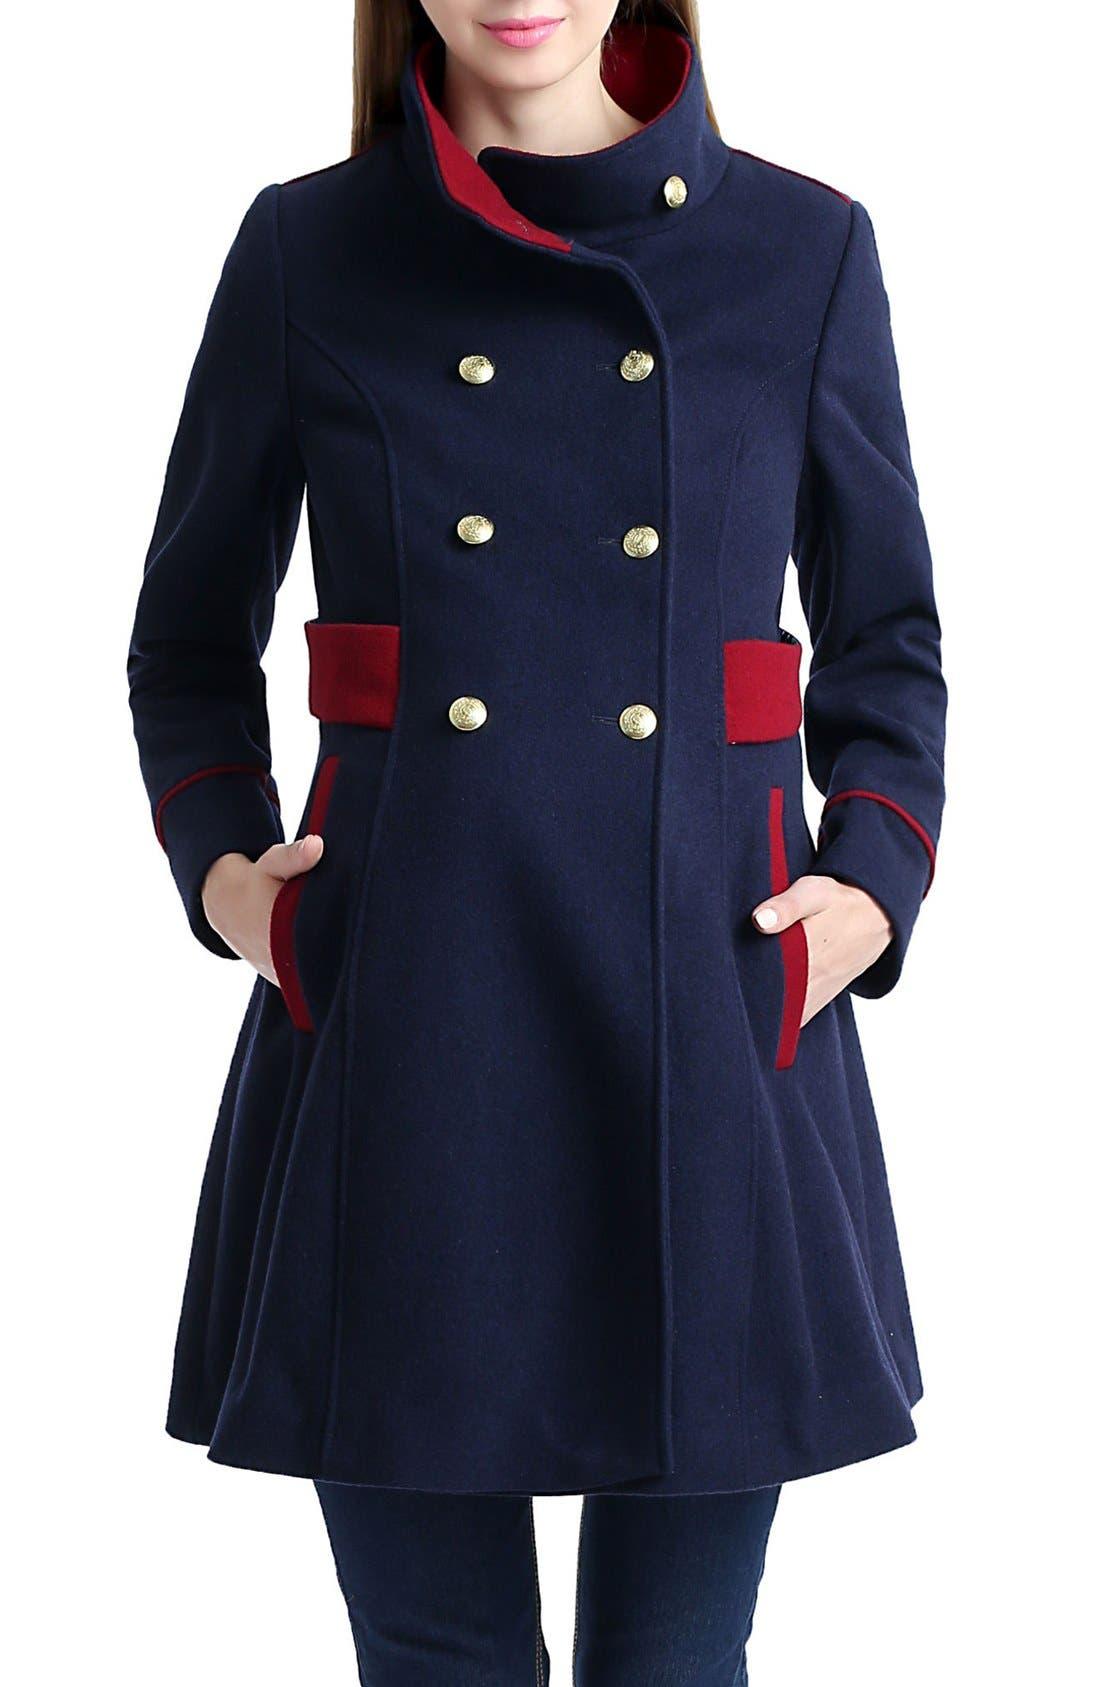 KIMI AND KAI Nom 'Pan' Military Maternity Pea Coat, Main, color, NAVY